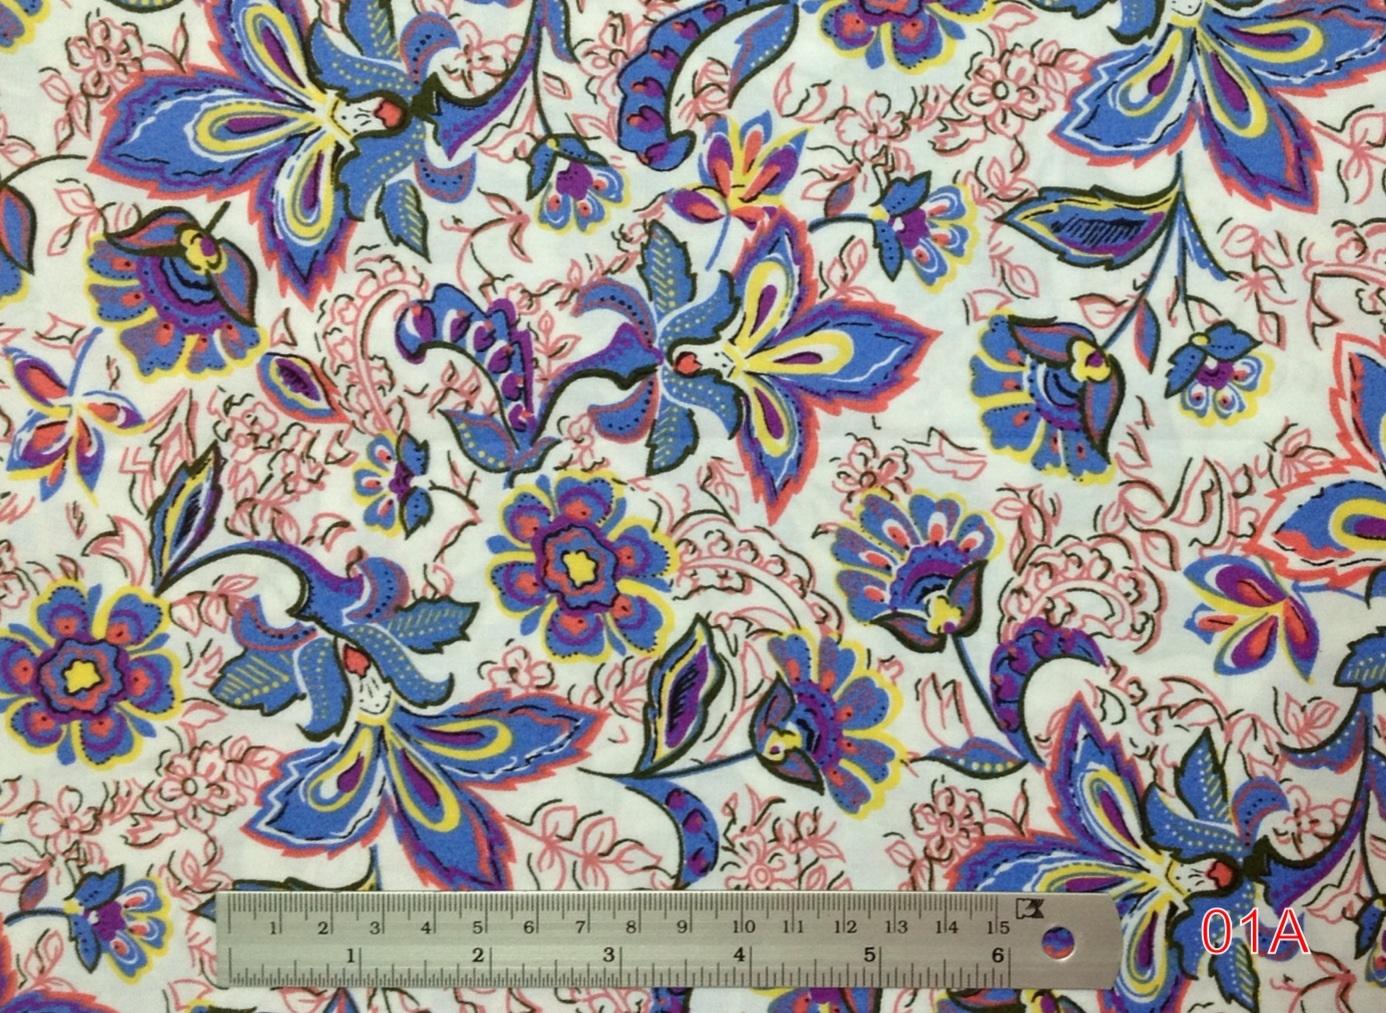 ผ้าฝ้าย cotton 100% ลายดอกไม้ใหญ่ โทนชมพูม่วง